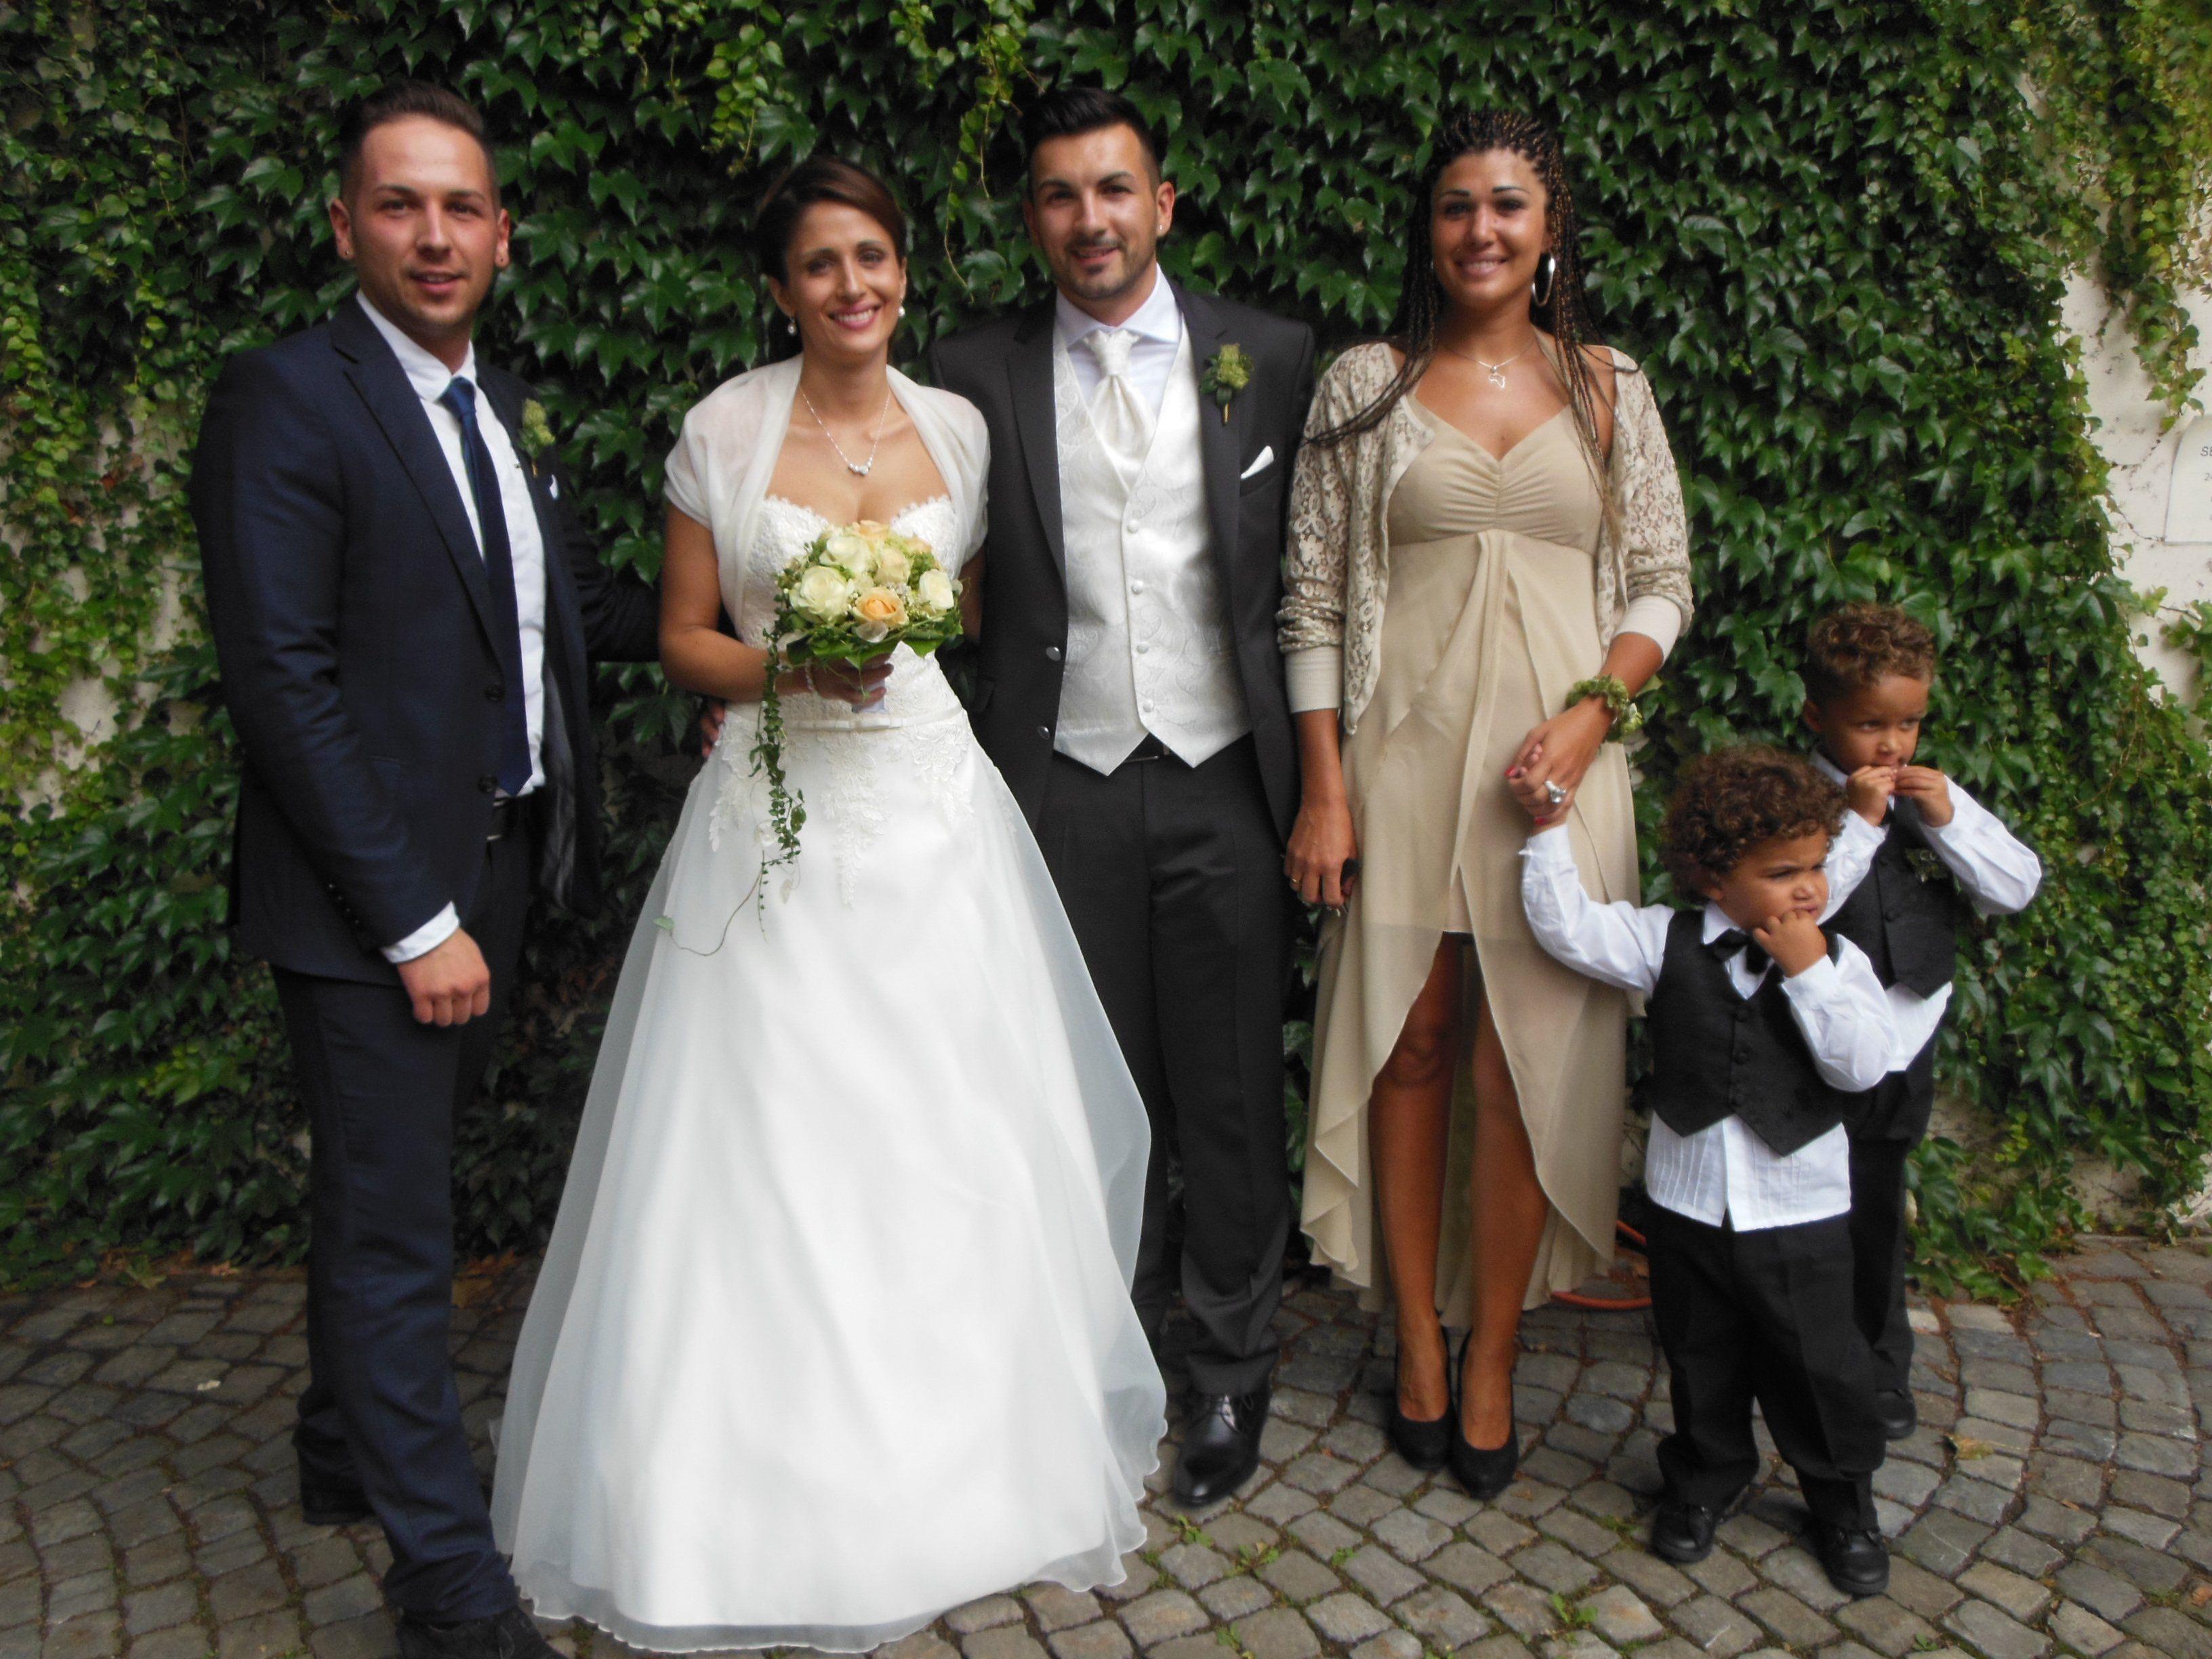 Das glückliche Paar mit den Trauzeugen und den Kindern der Trauzeugin Lee und Jamal.